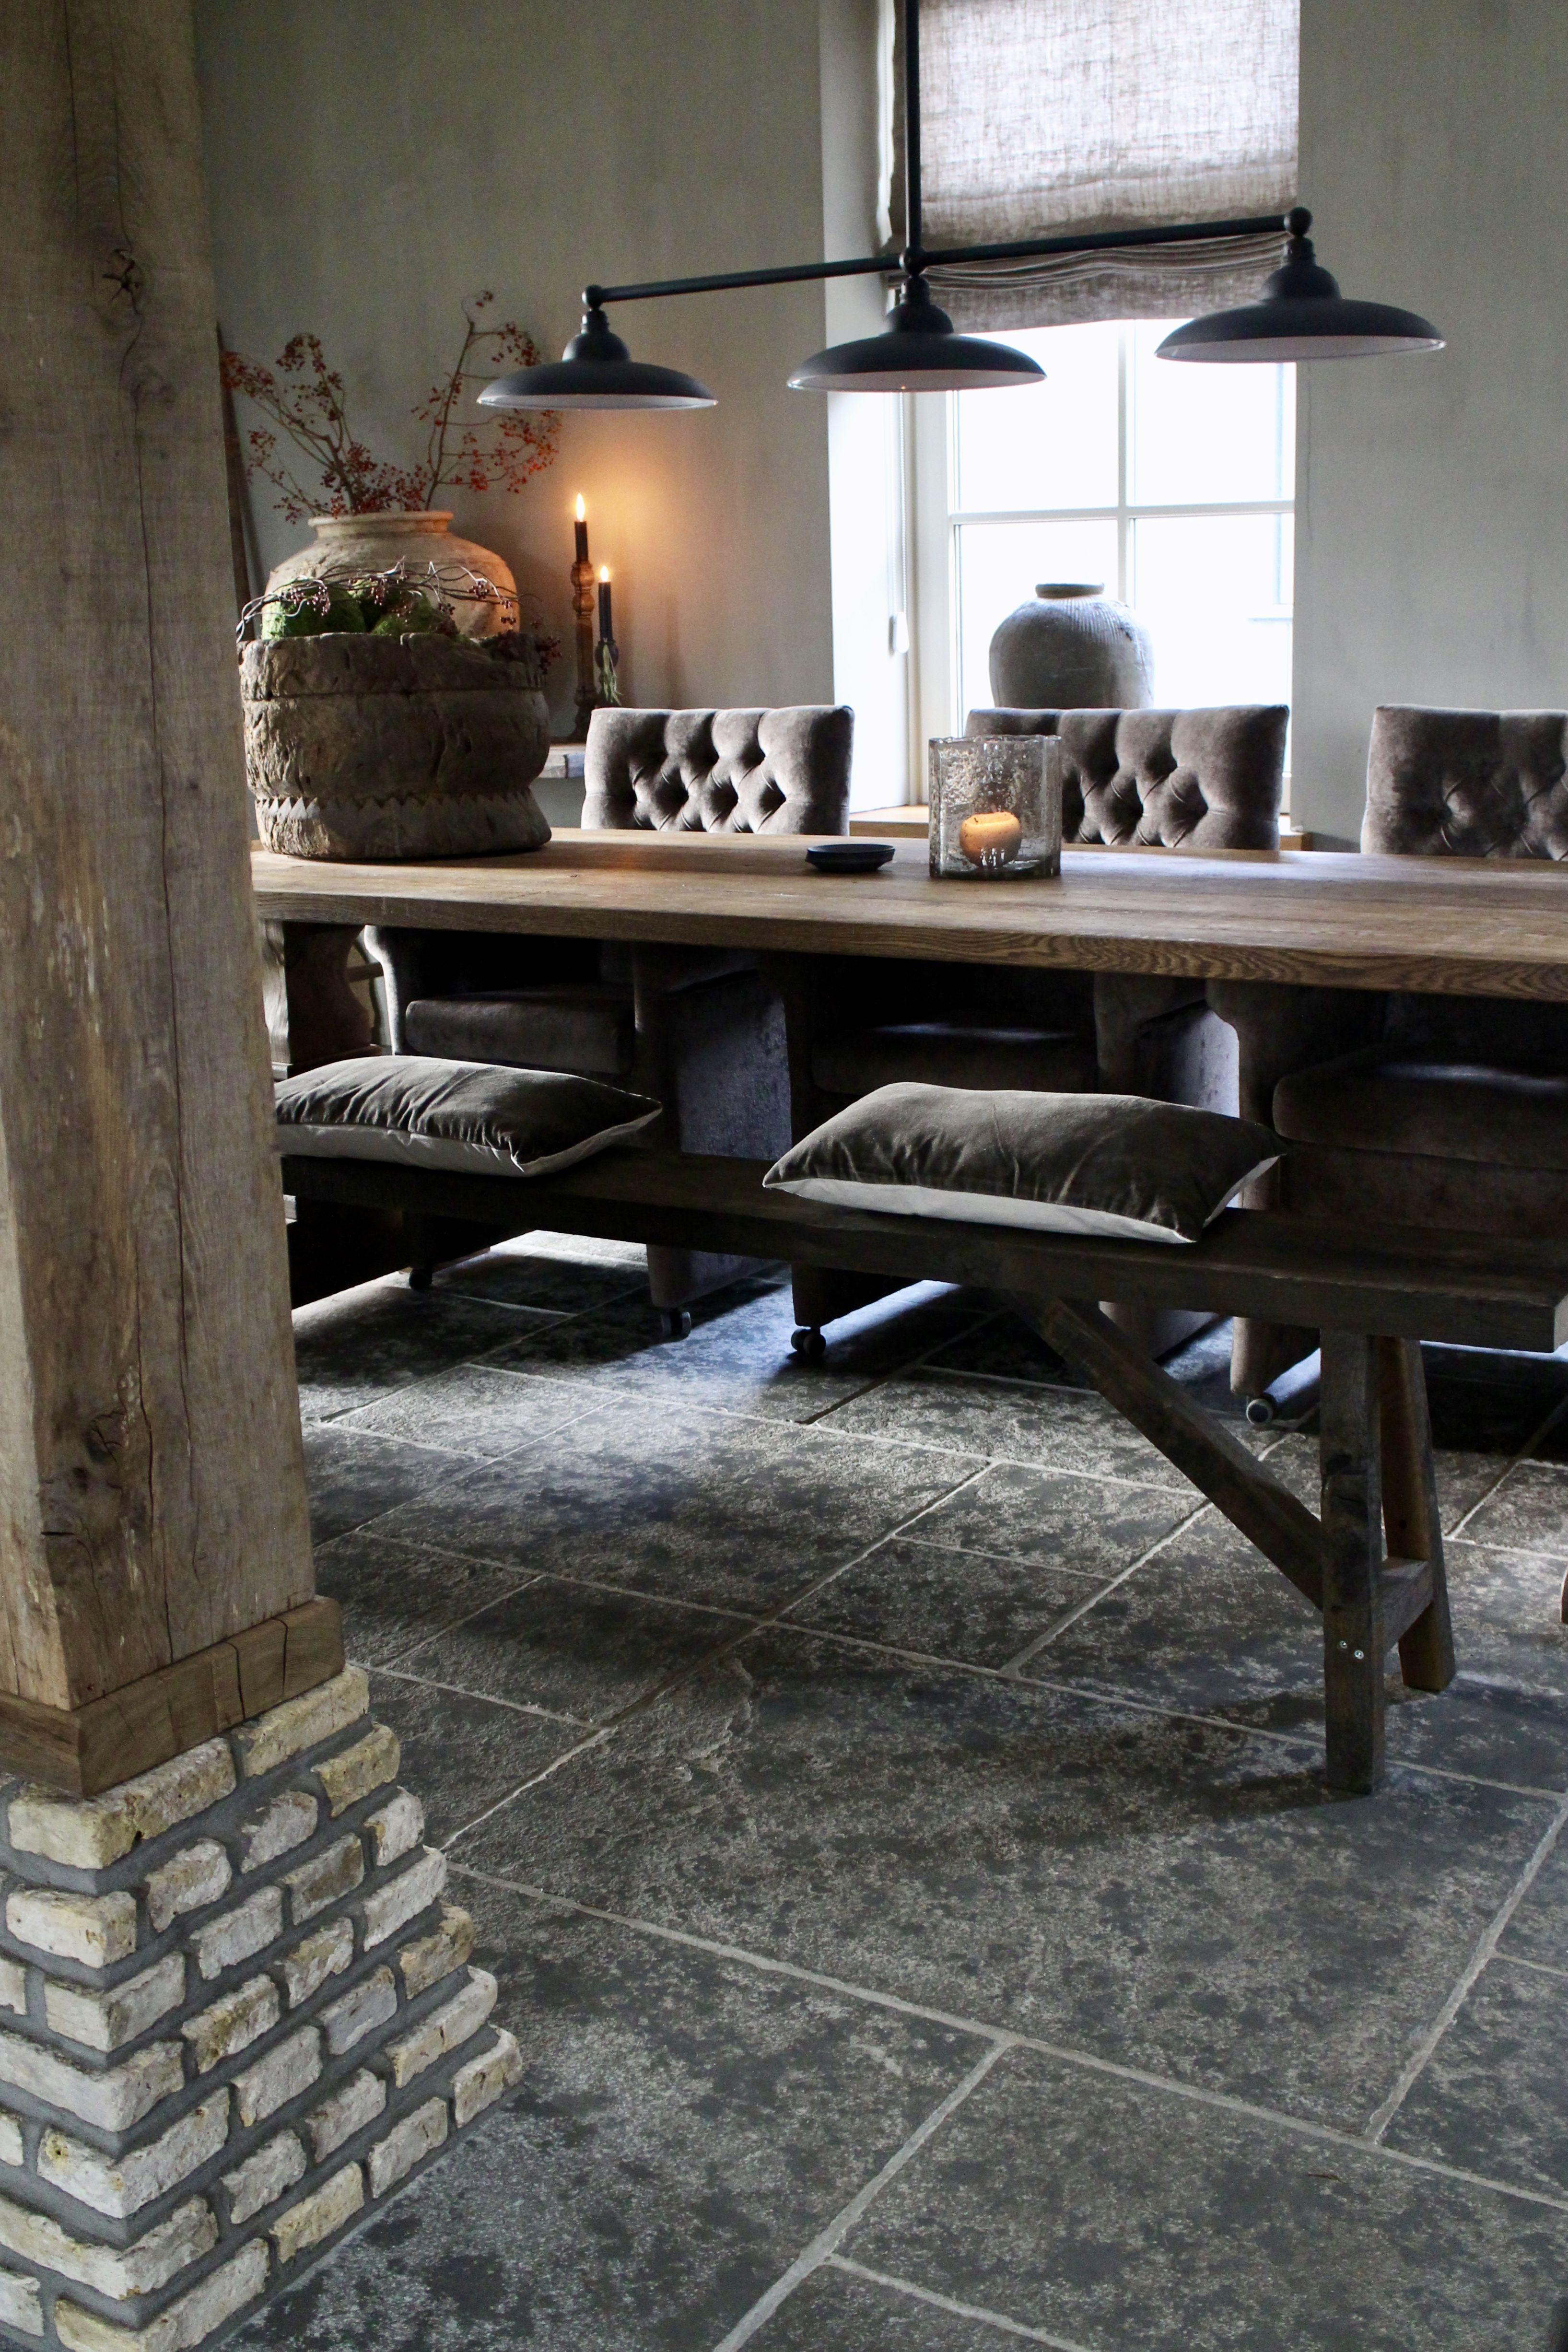 Binnenkijken bij Geeske Eettafel stoelen, Decoraties en